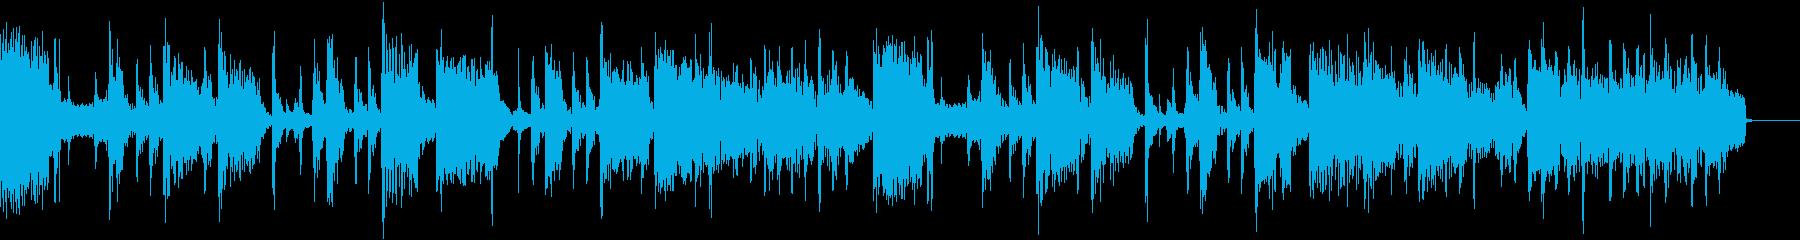 エレピを使ったジングルの再生済みの波形